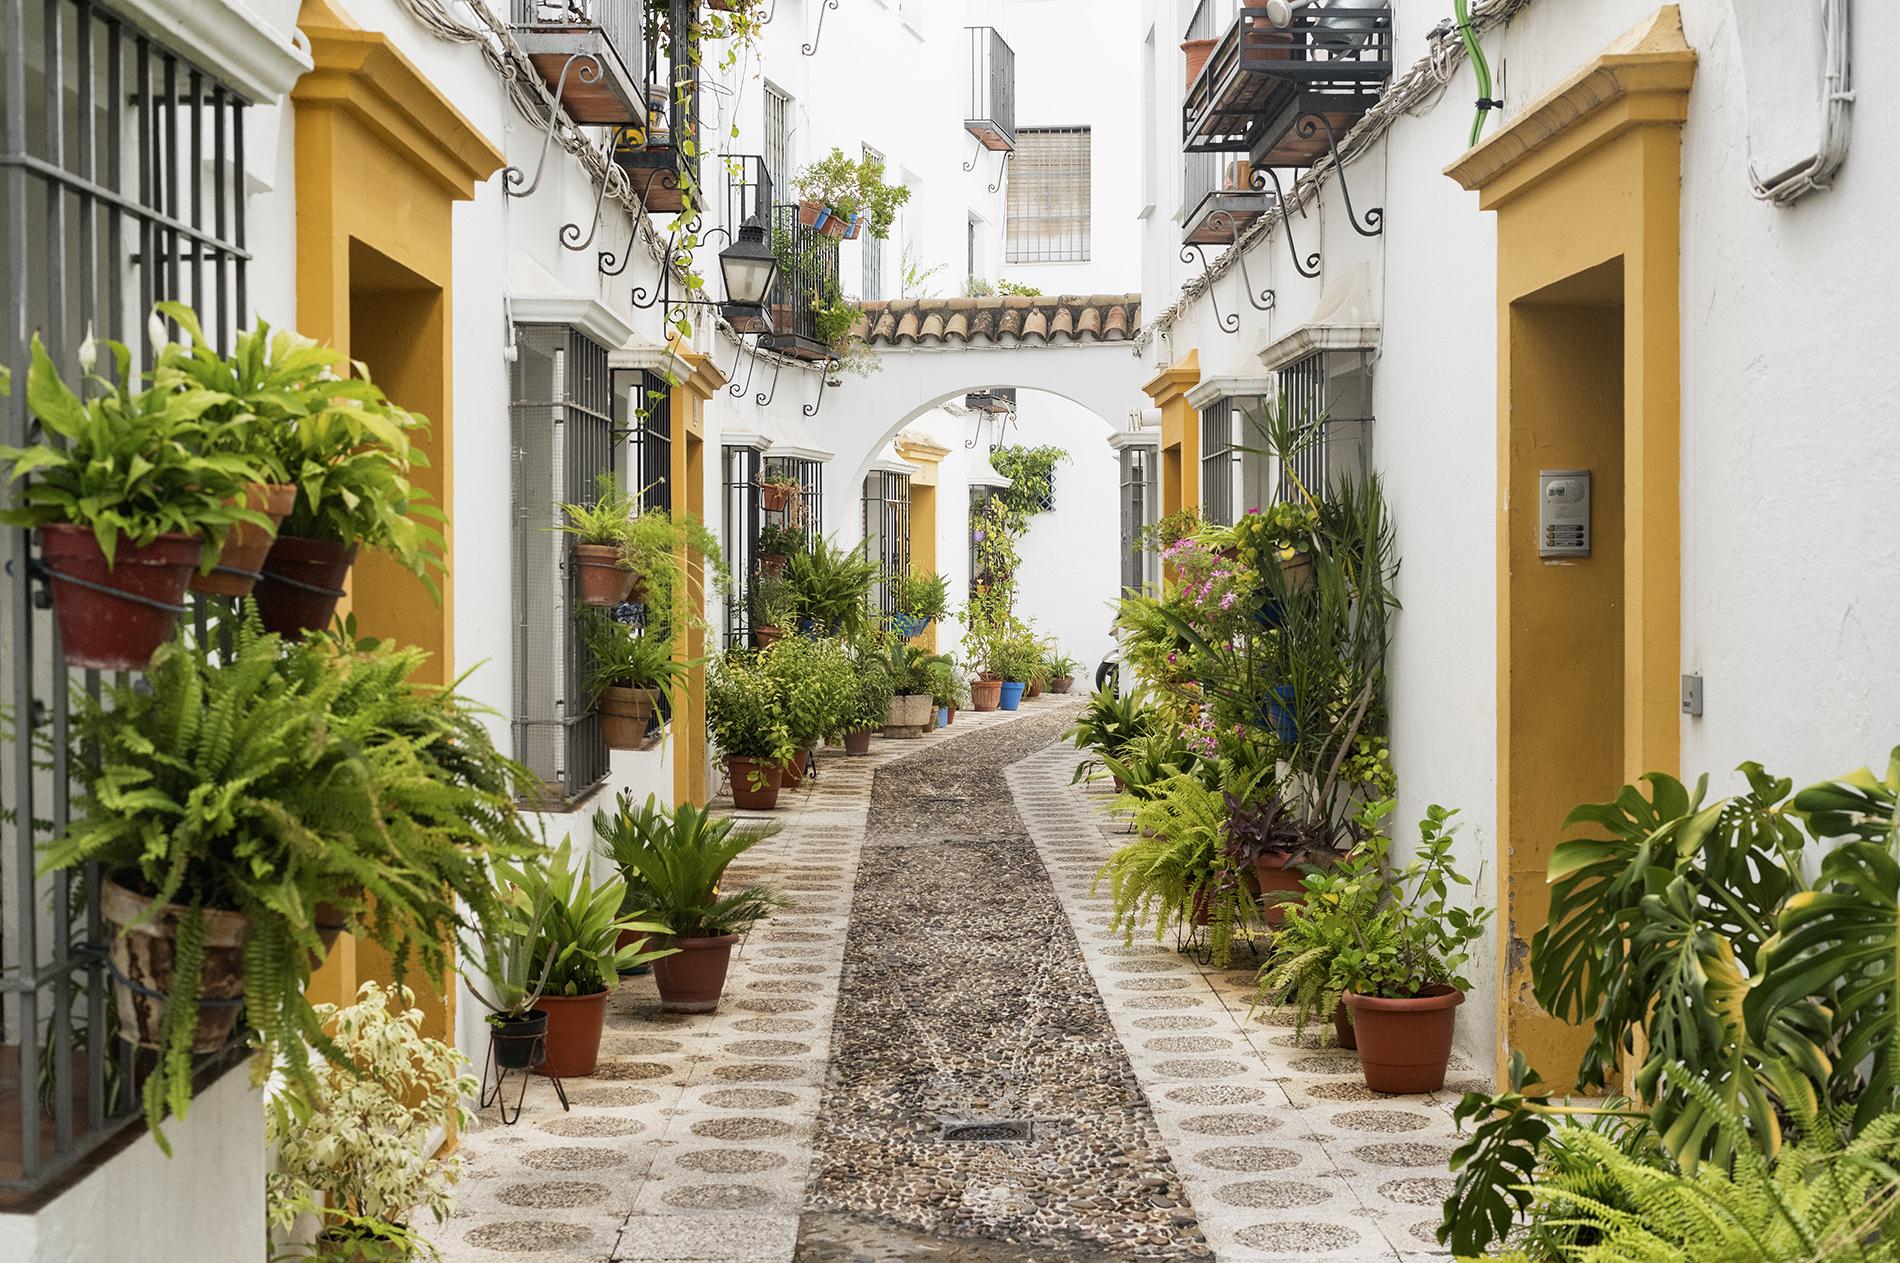 Qué ver en Córdoba - La Judería | Foto: Claudio Giovanni Colombo | Dreamstime.com